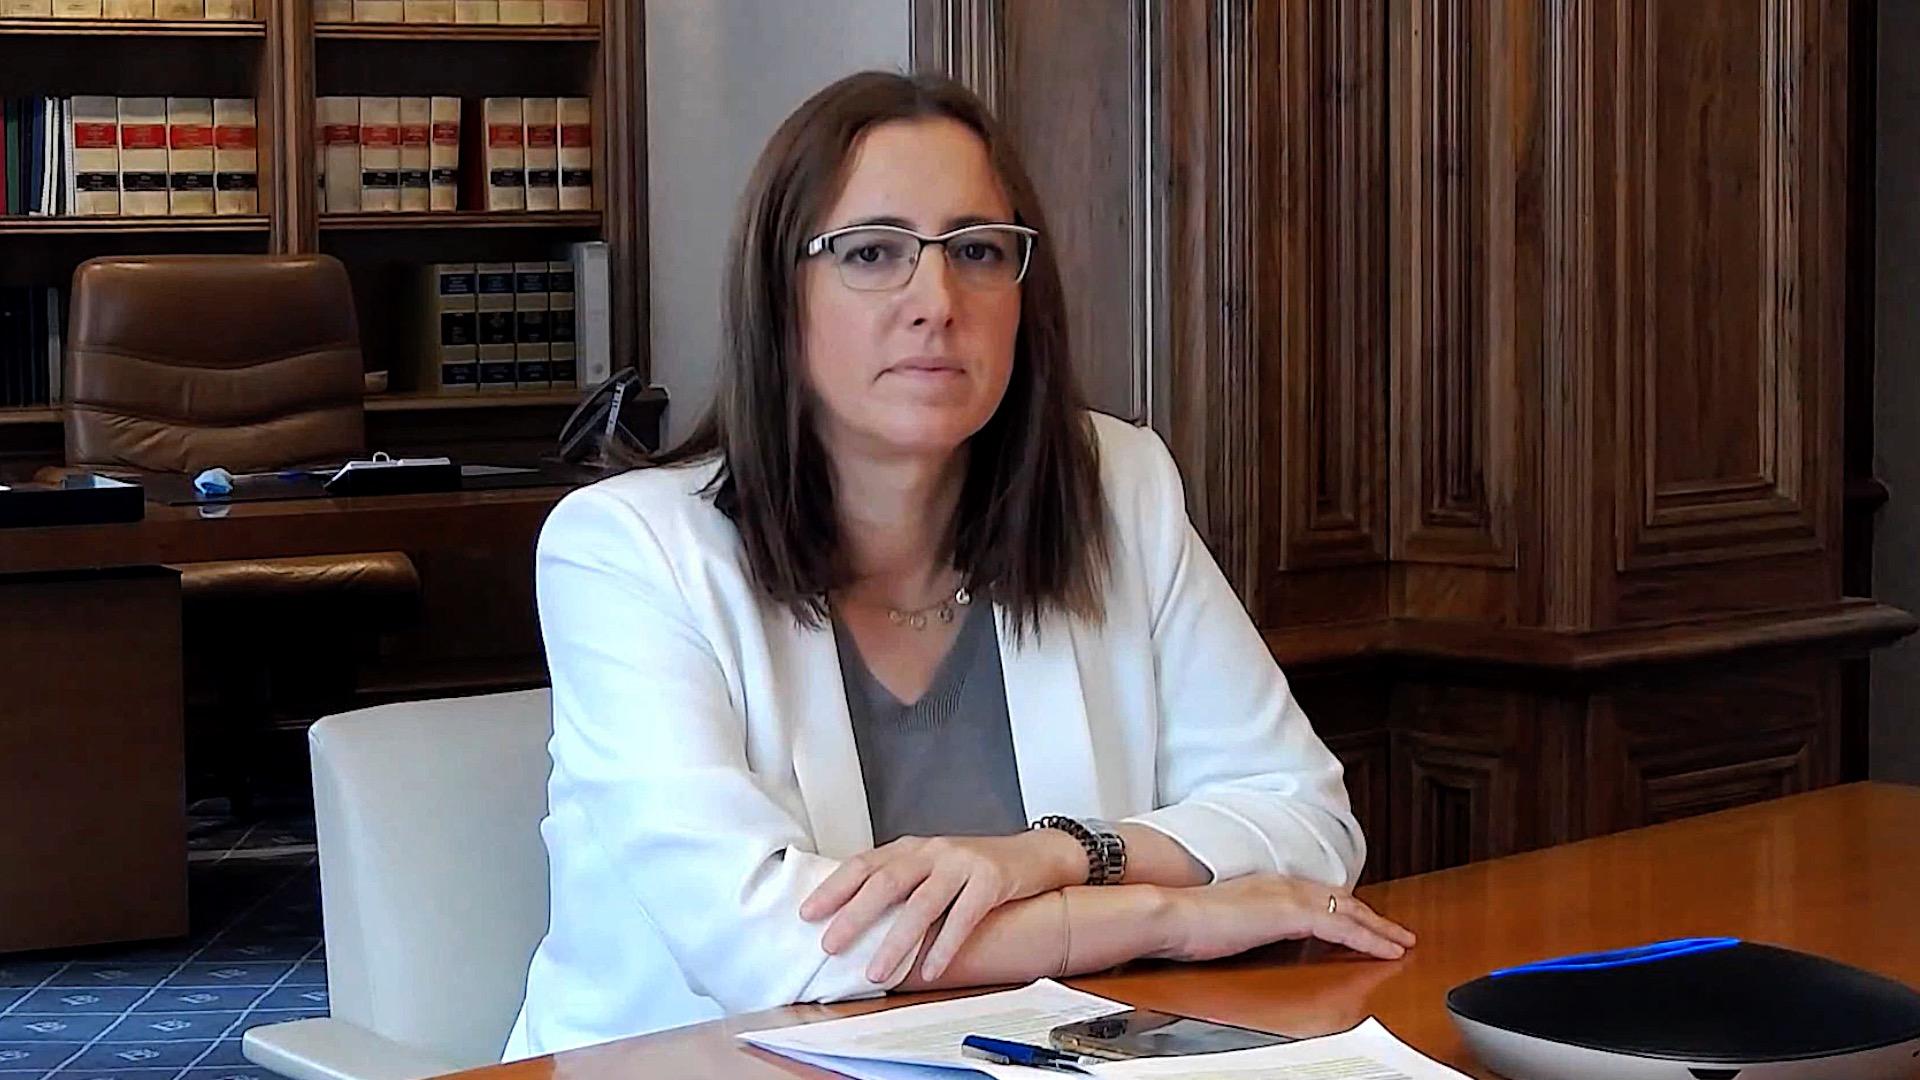 María Barturen, Socia de la División Laboral de Barrilero y Asociados